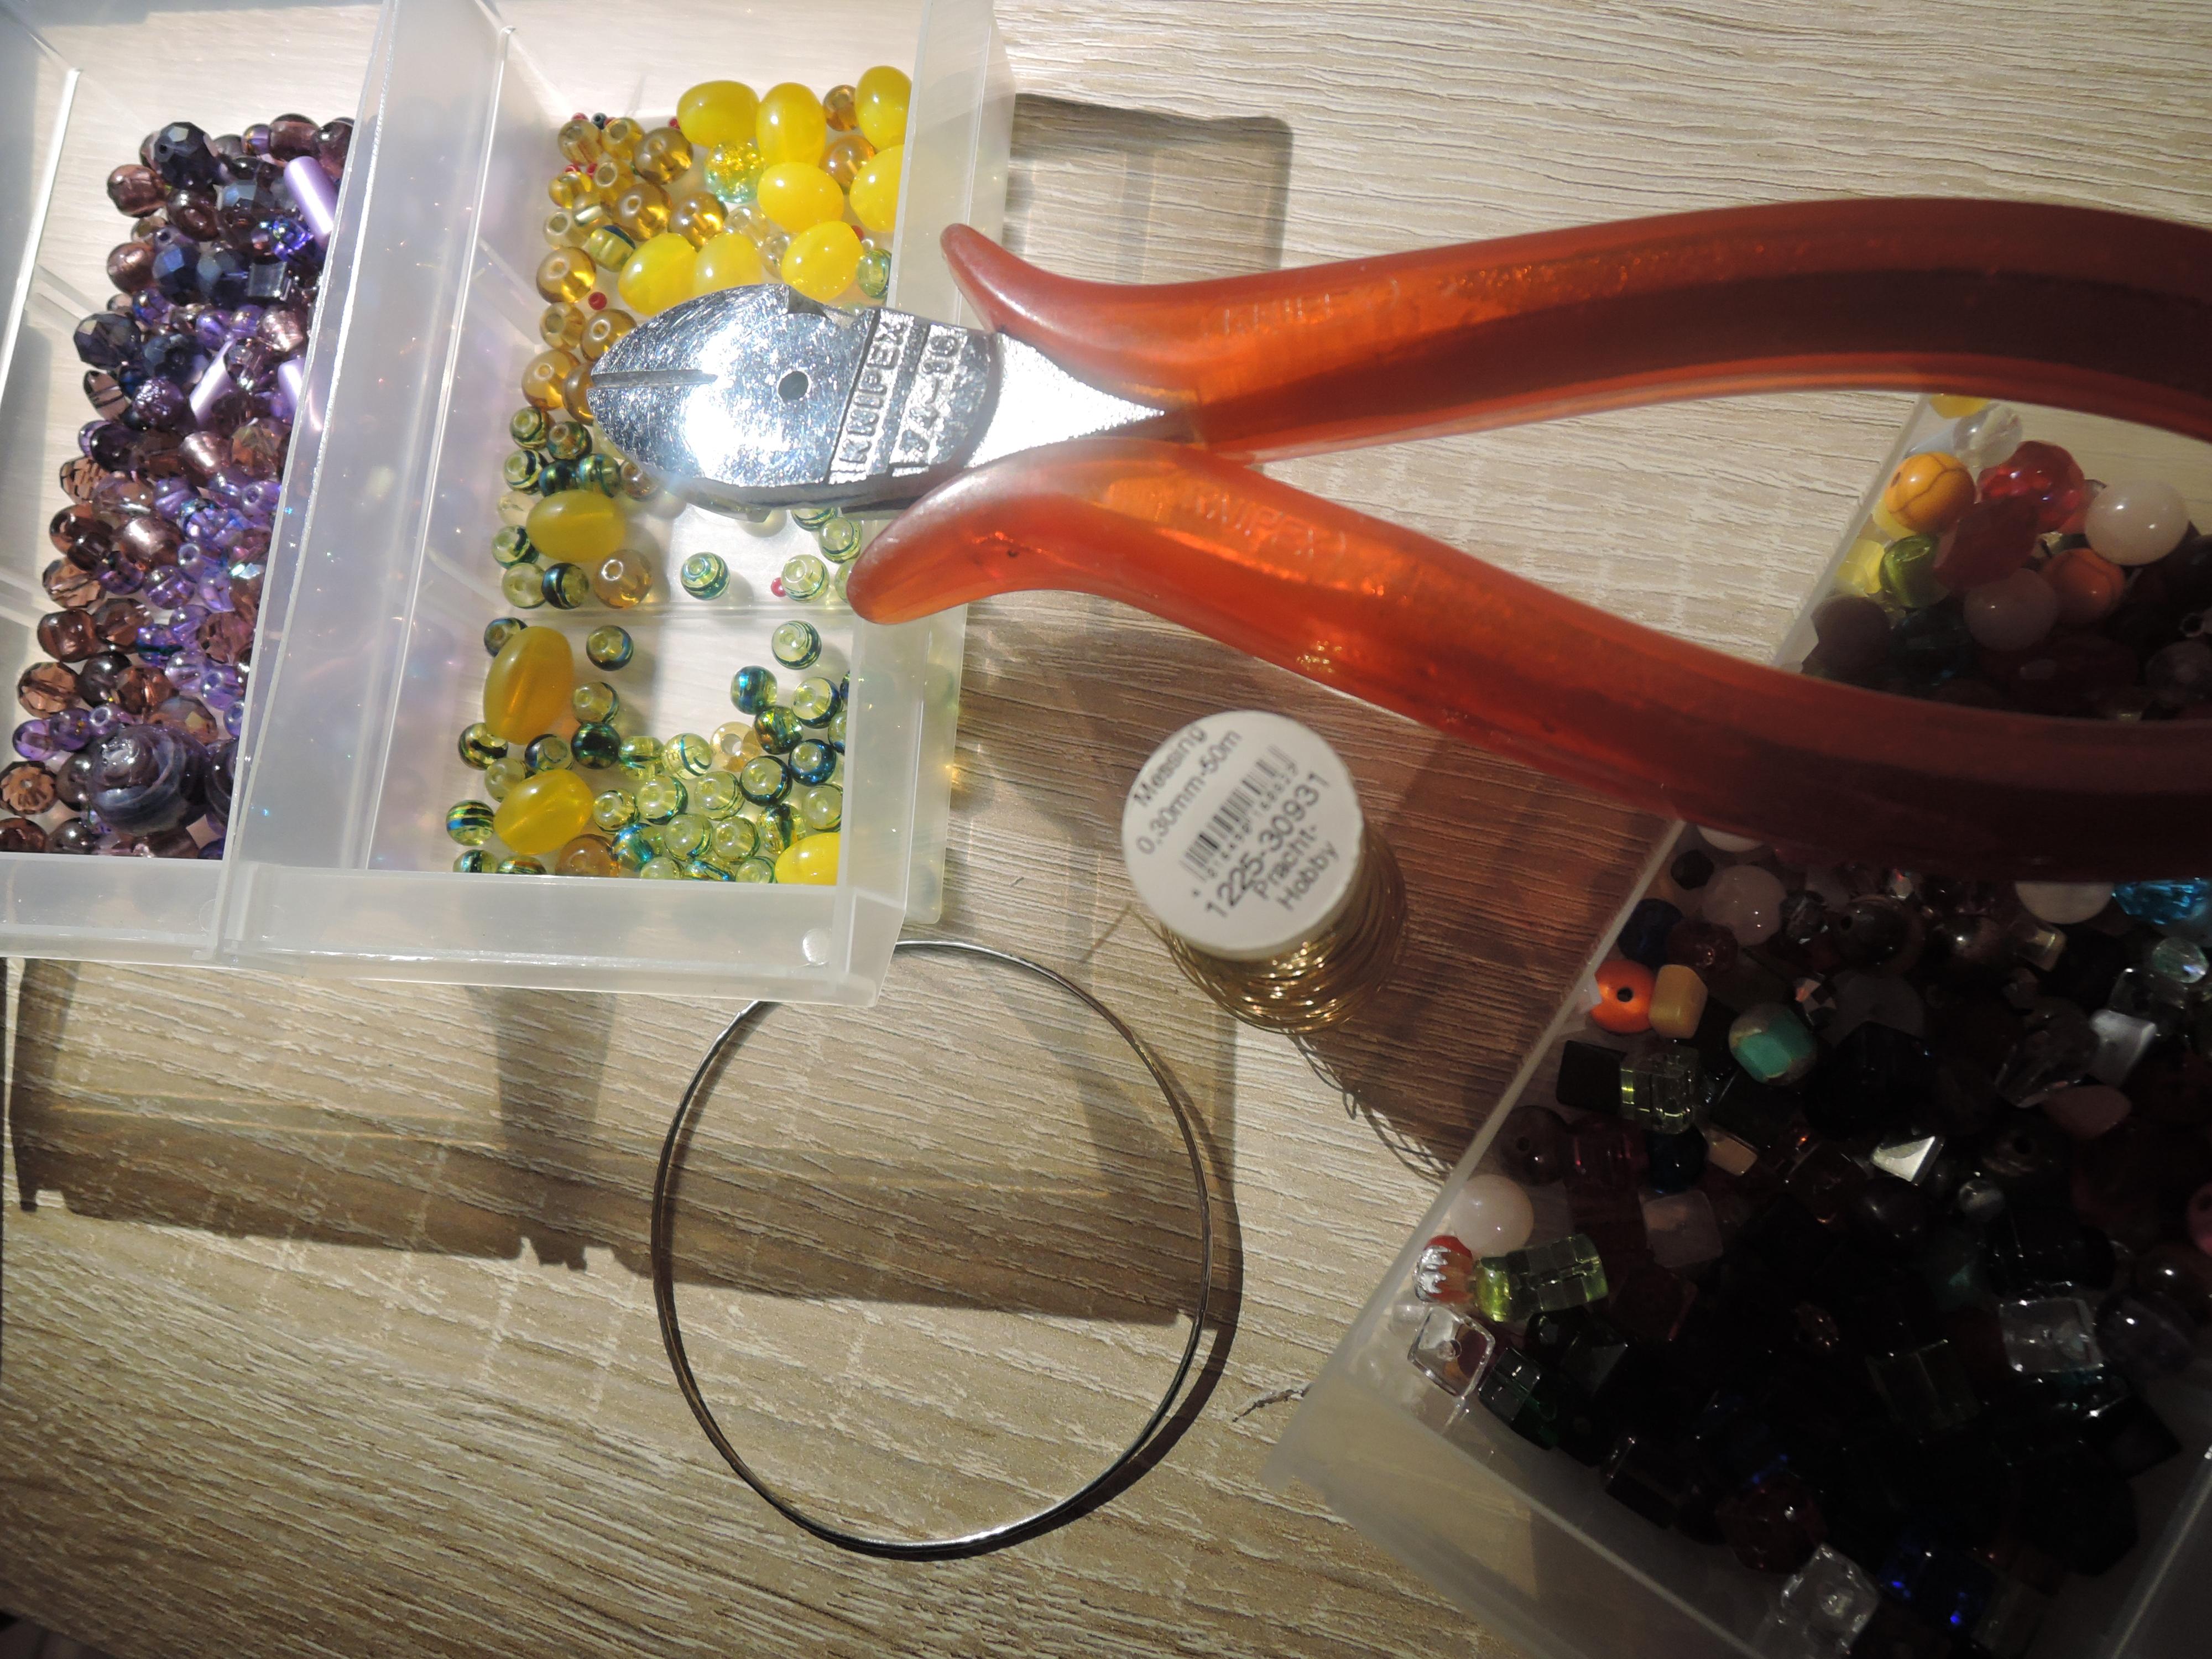 Traumfänger-Amulett aus Draht und Perlen – Eine Tüte Glück